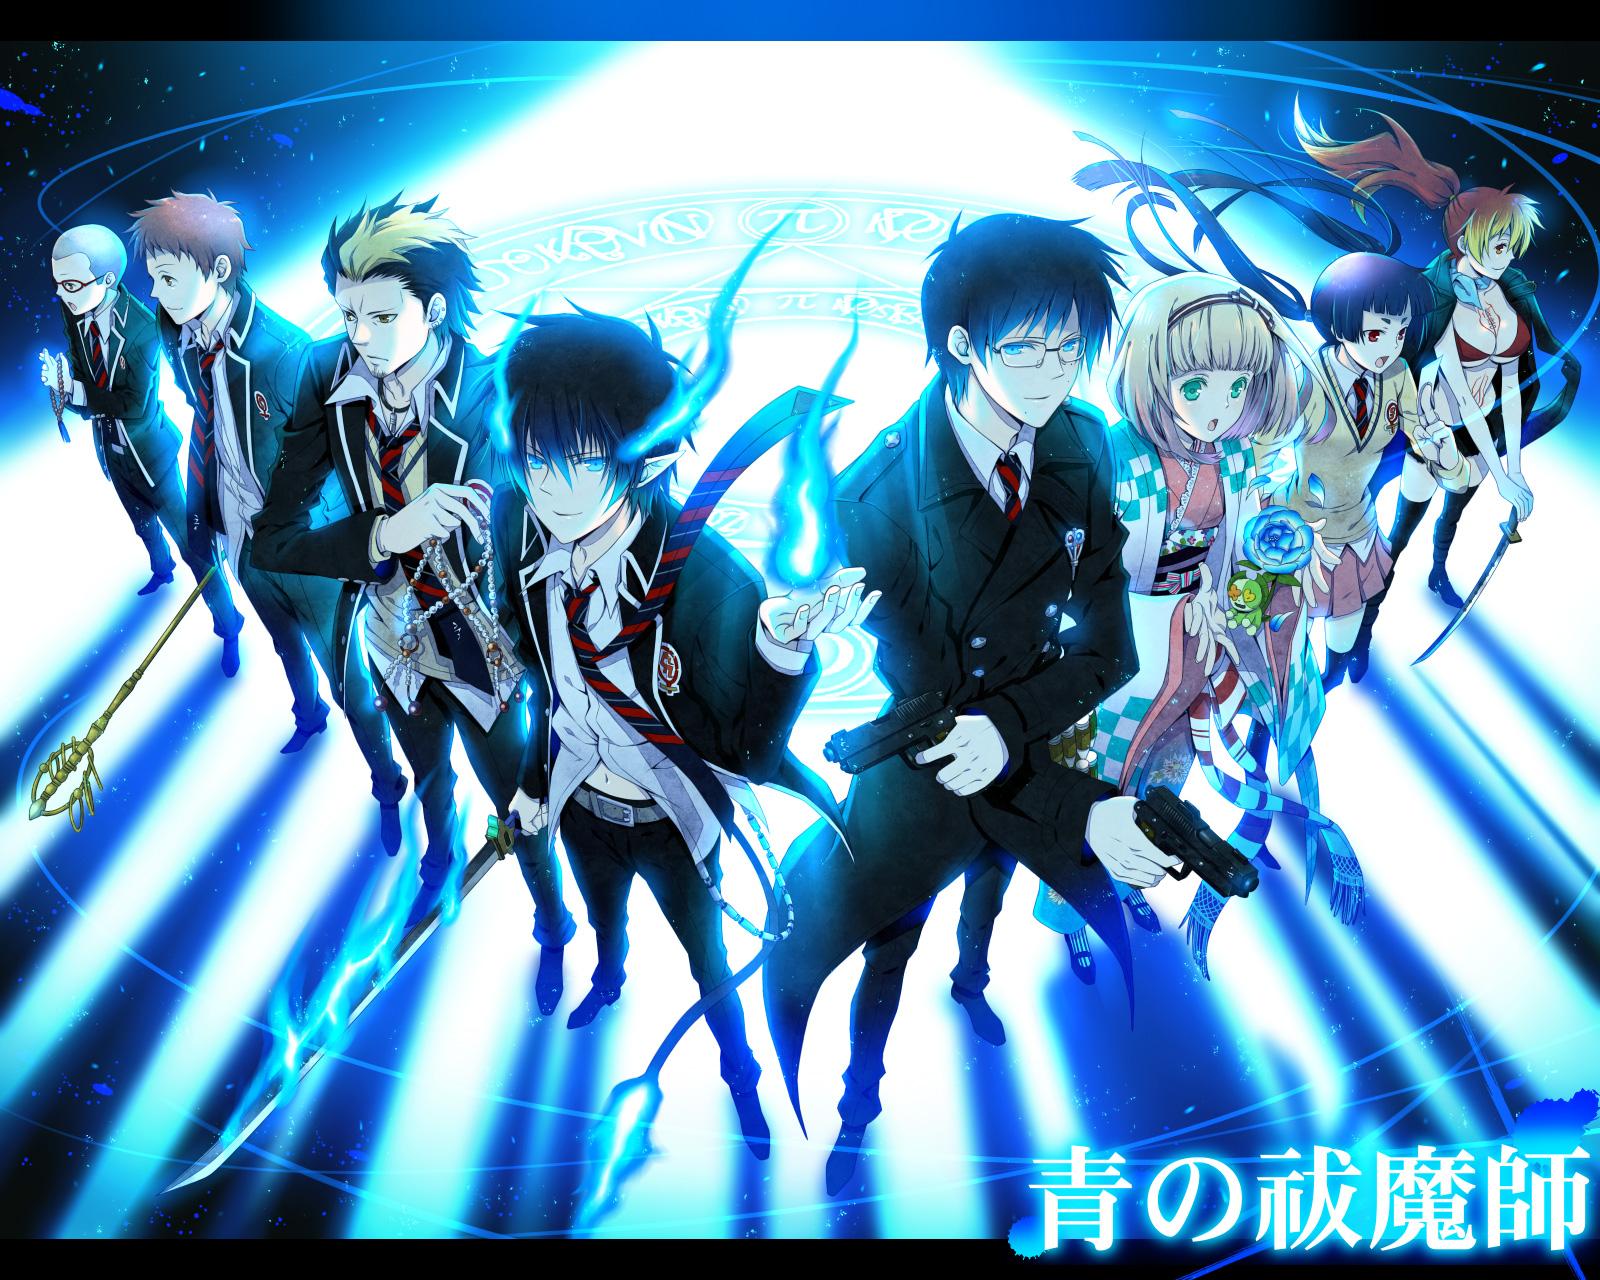 http://3.bp.blogspot.com/-zRrluB7EWQ4/T-S8qbXz24I/AAAAAAAAG3M/SNvUiuFQcU0/s1600/animu_ru-ao-no-futsumashi-(1600x1280)-wallpaper-002.jpg